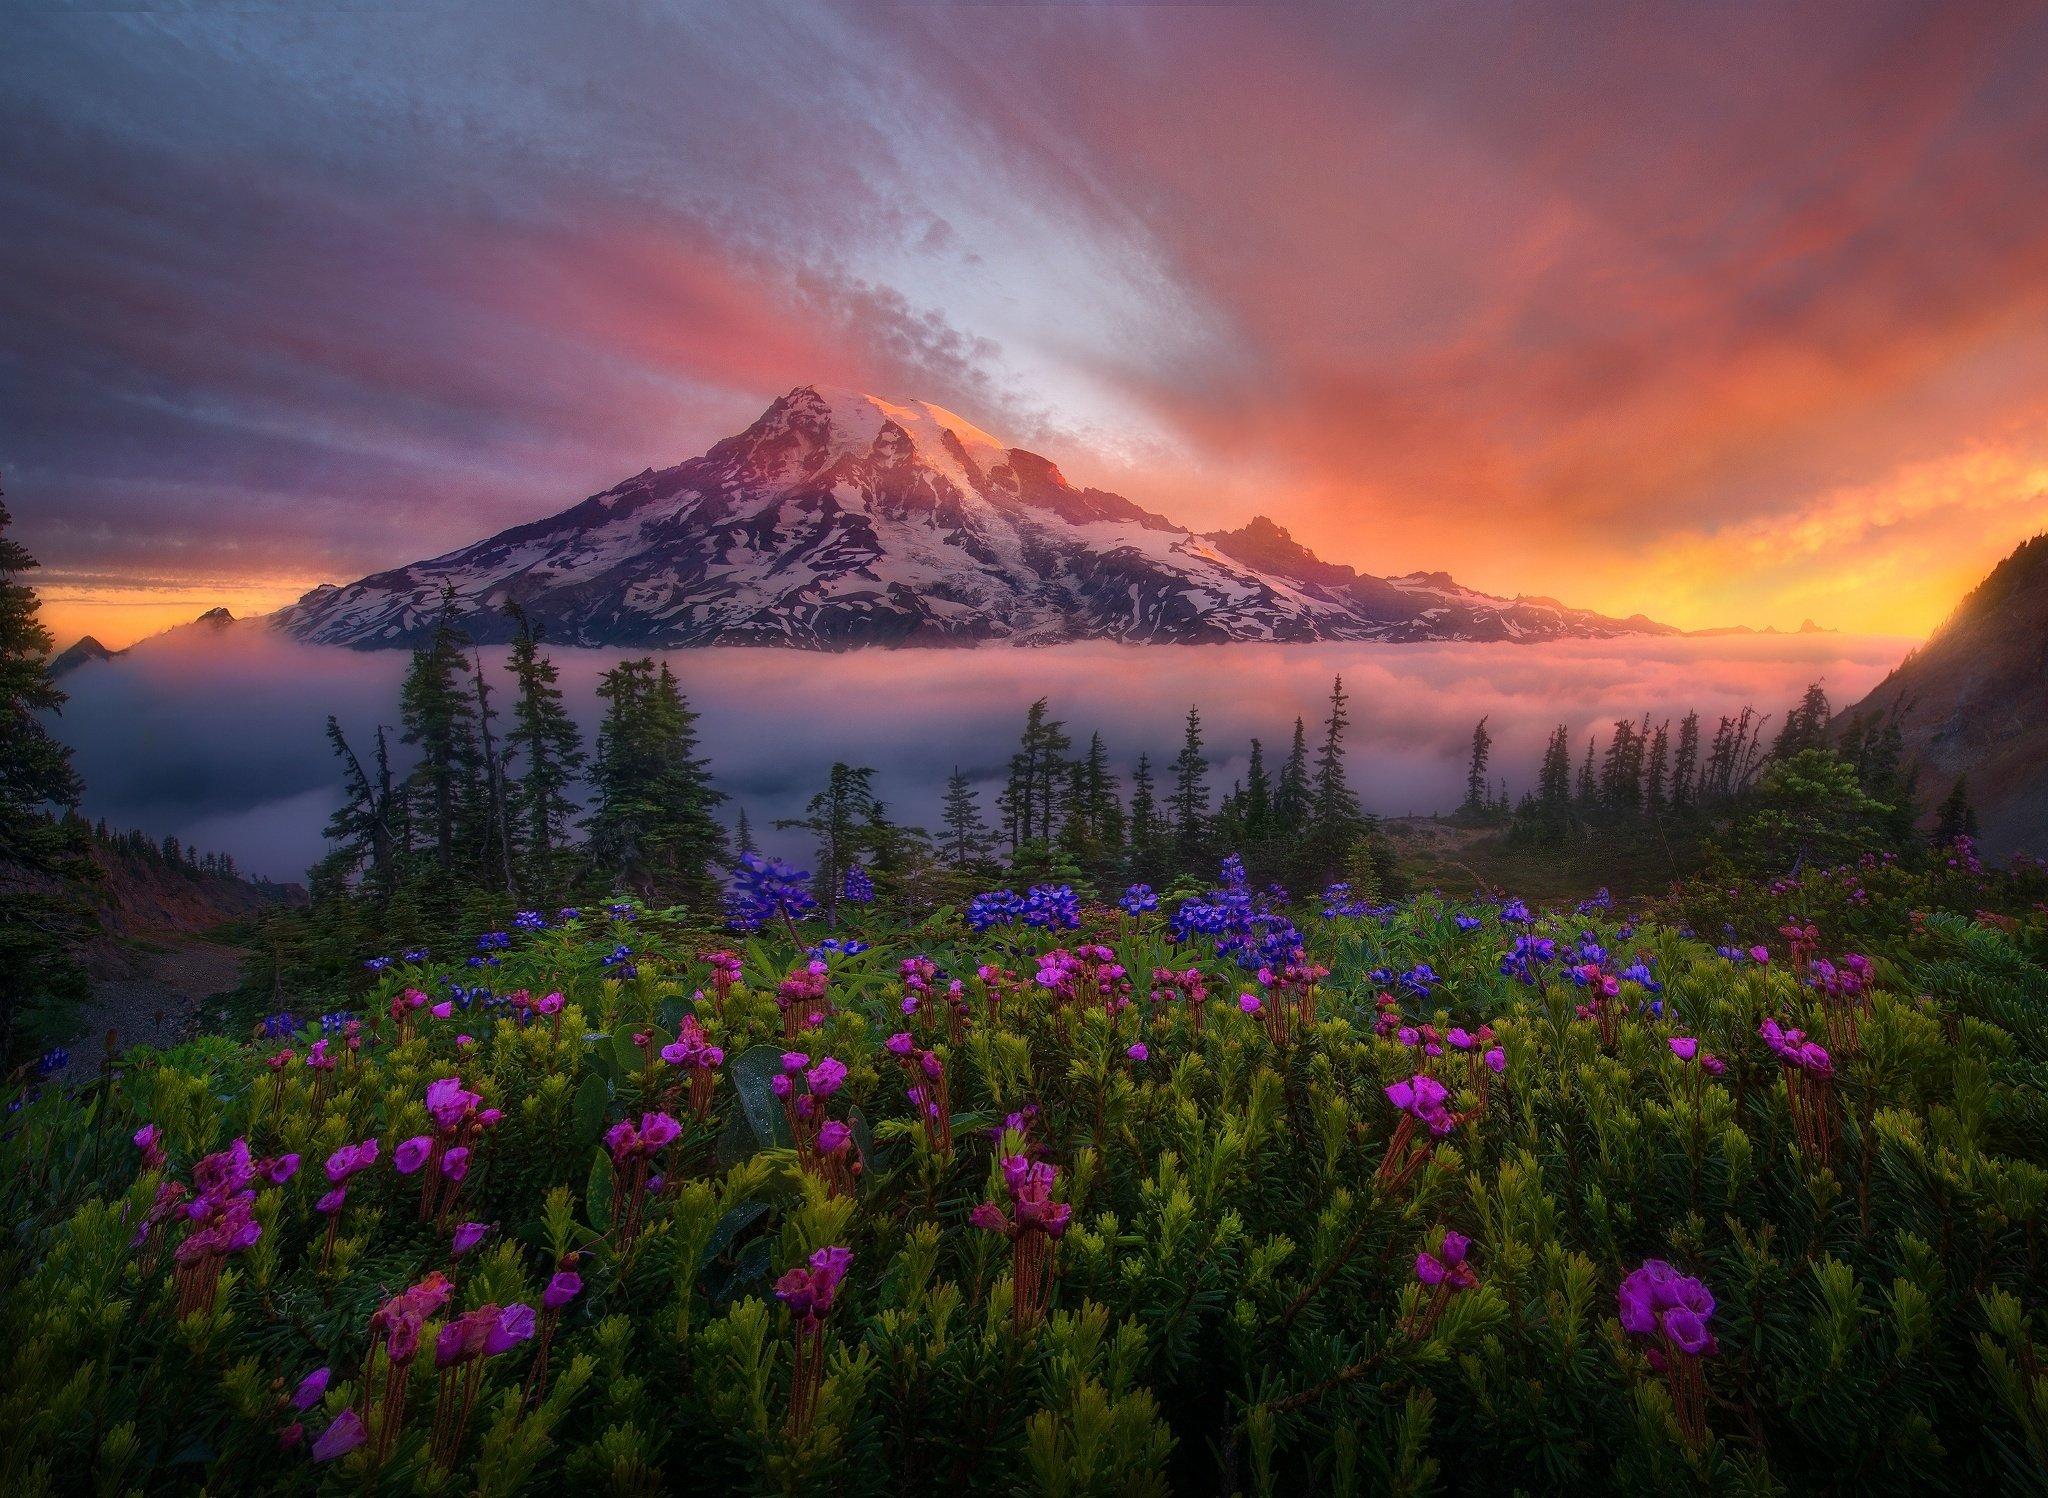 sunrise mountains flowers - photo #4